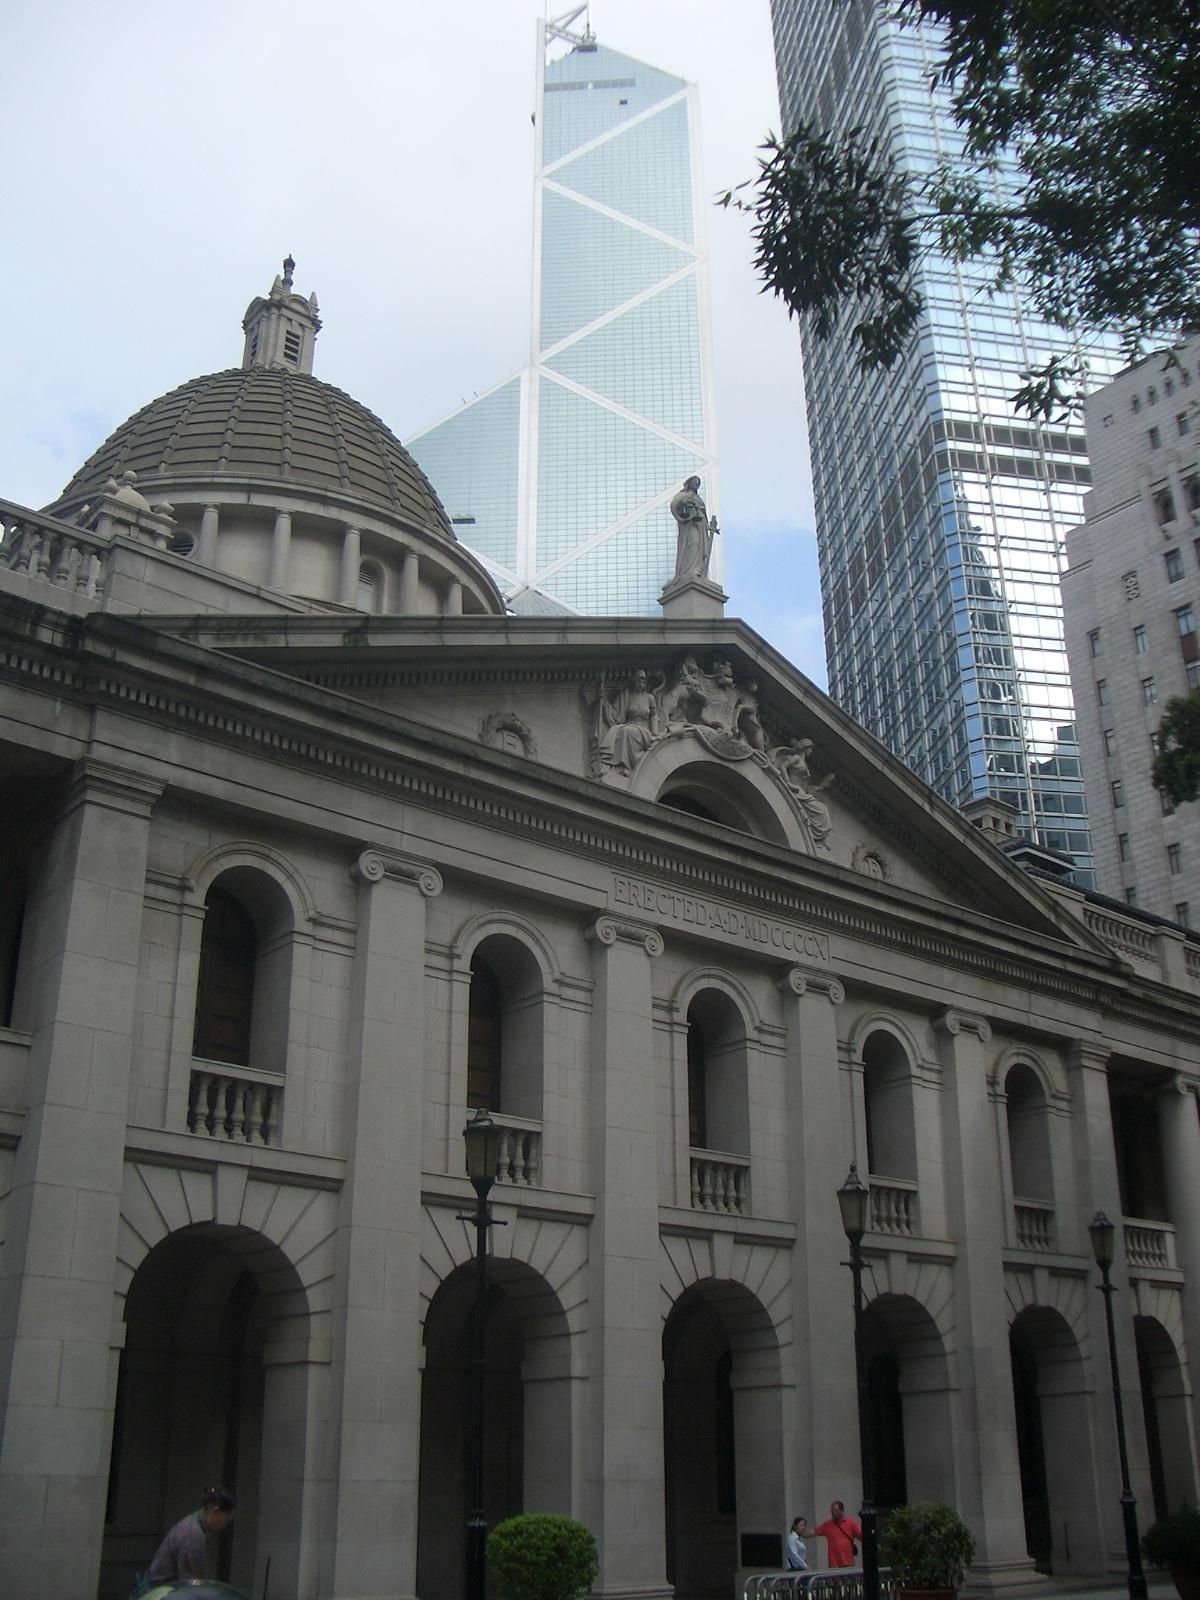 1994 Hong Kong electoral reform - Wikipedia